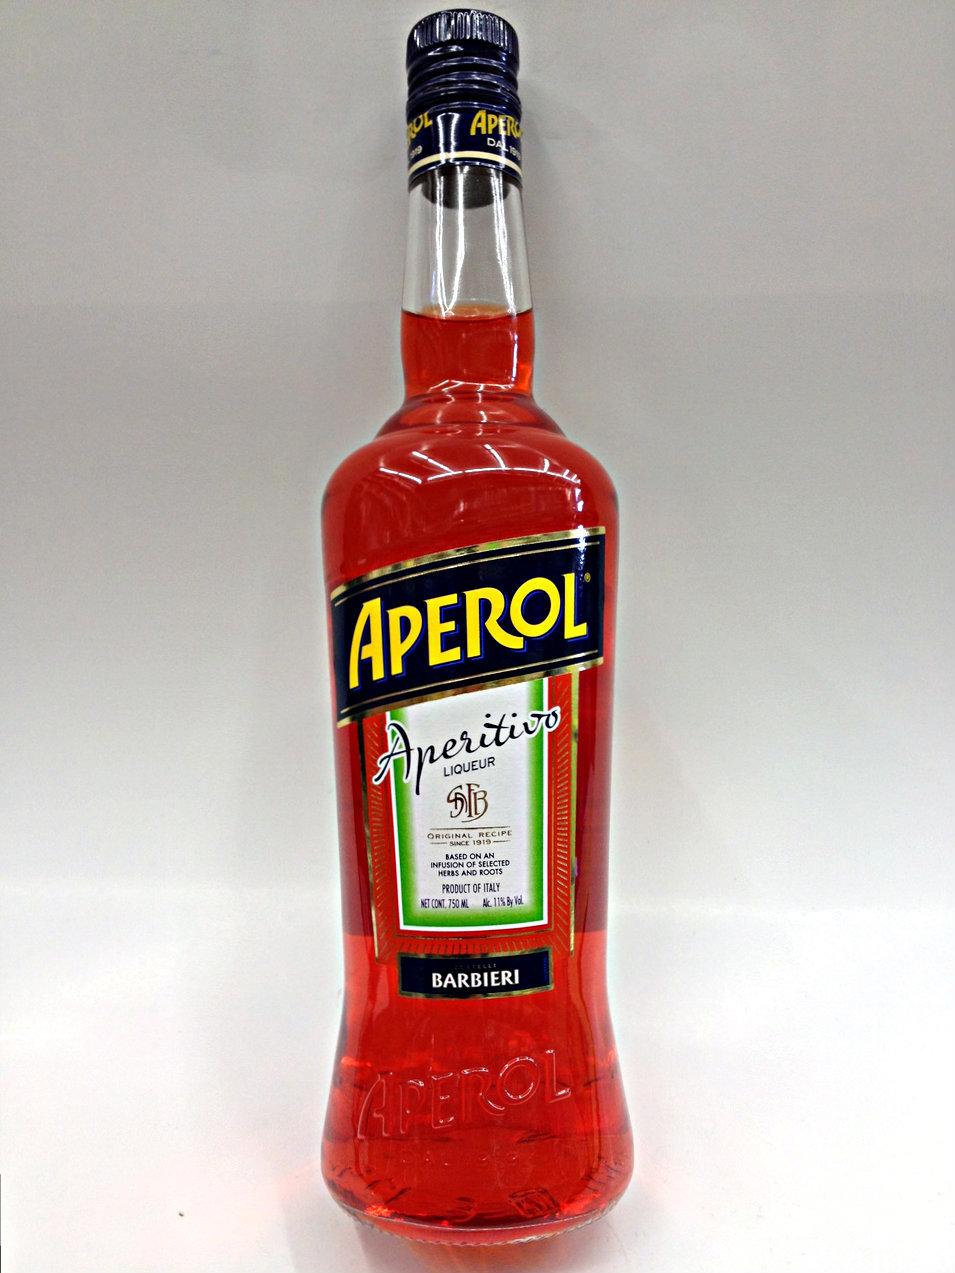 фото бутылки ликера апероль